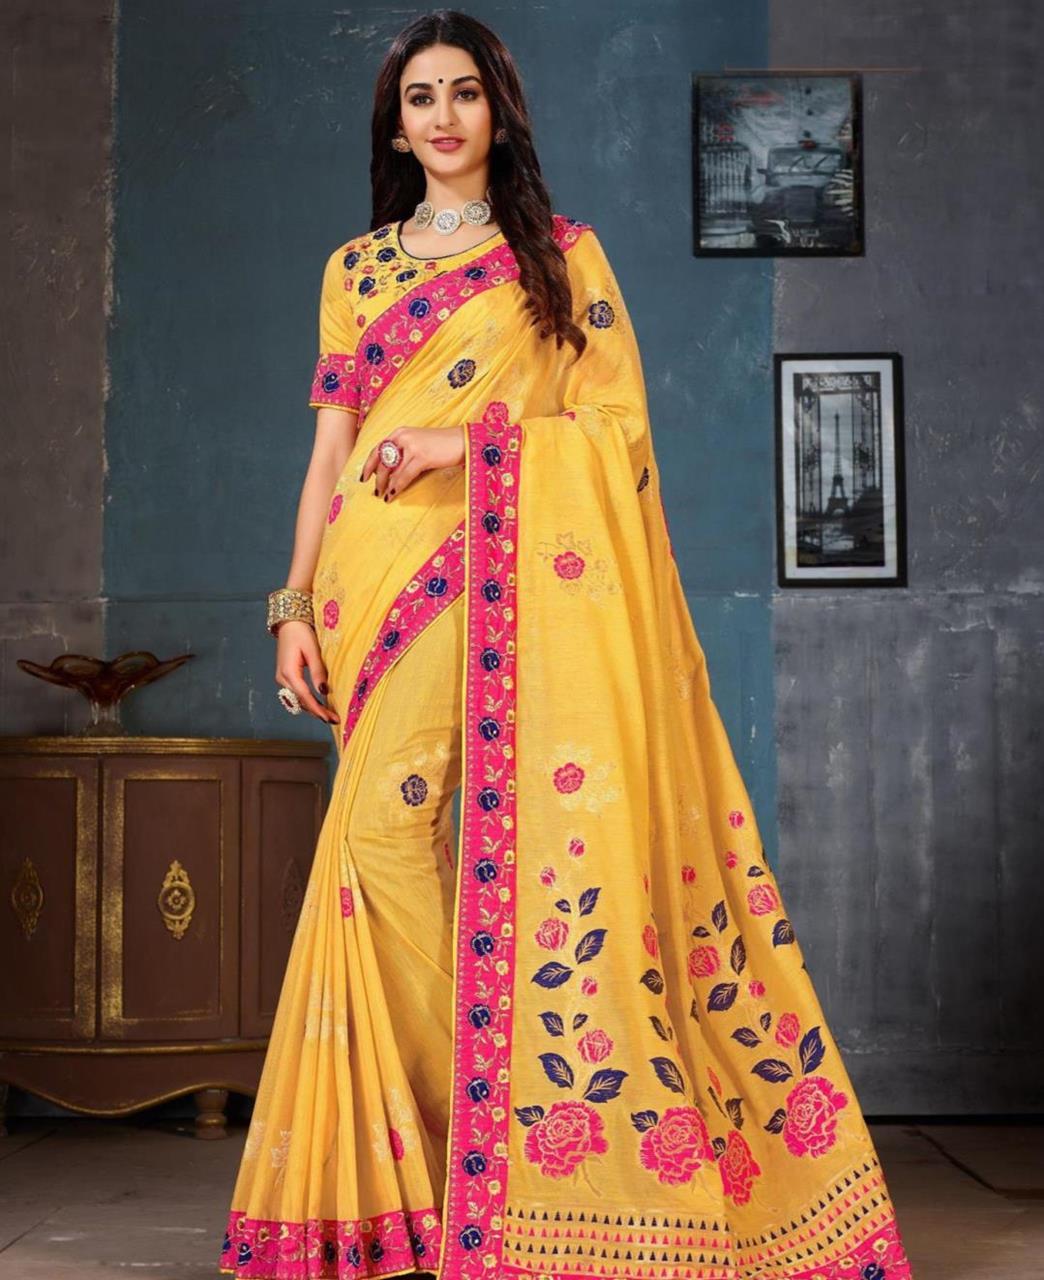 Jacquard Cotton Saree (Sari) in Yellow